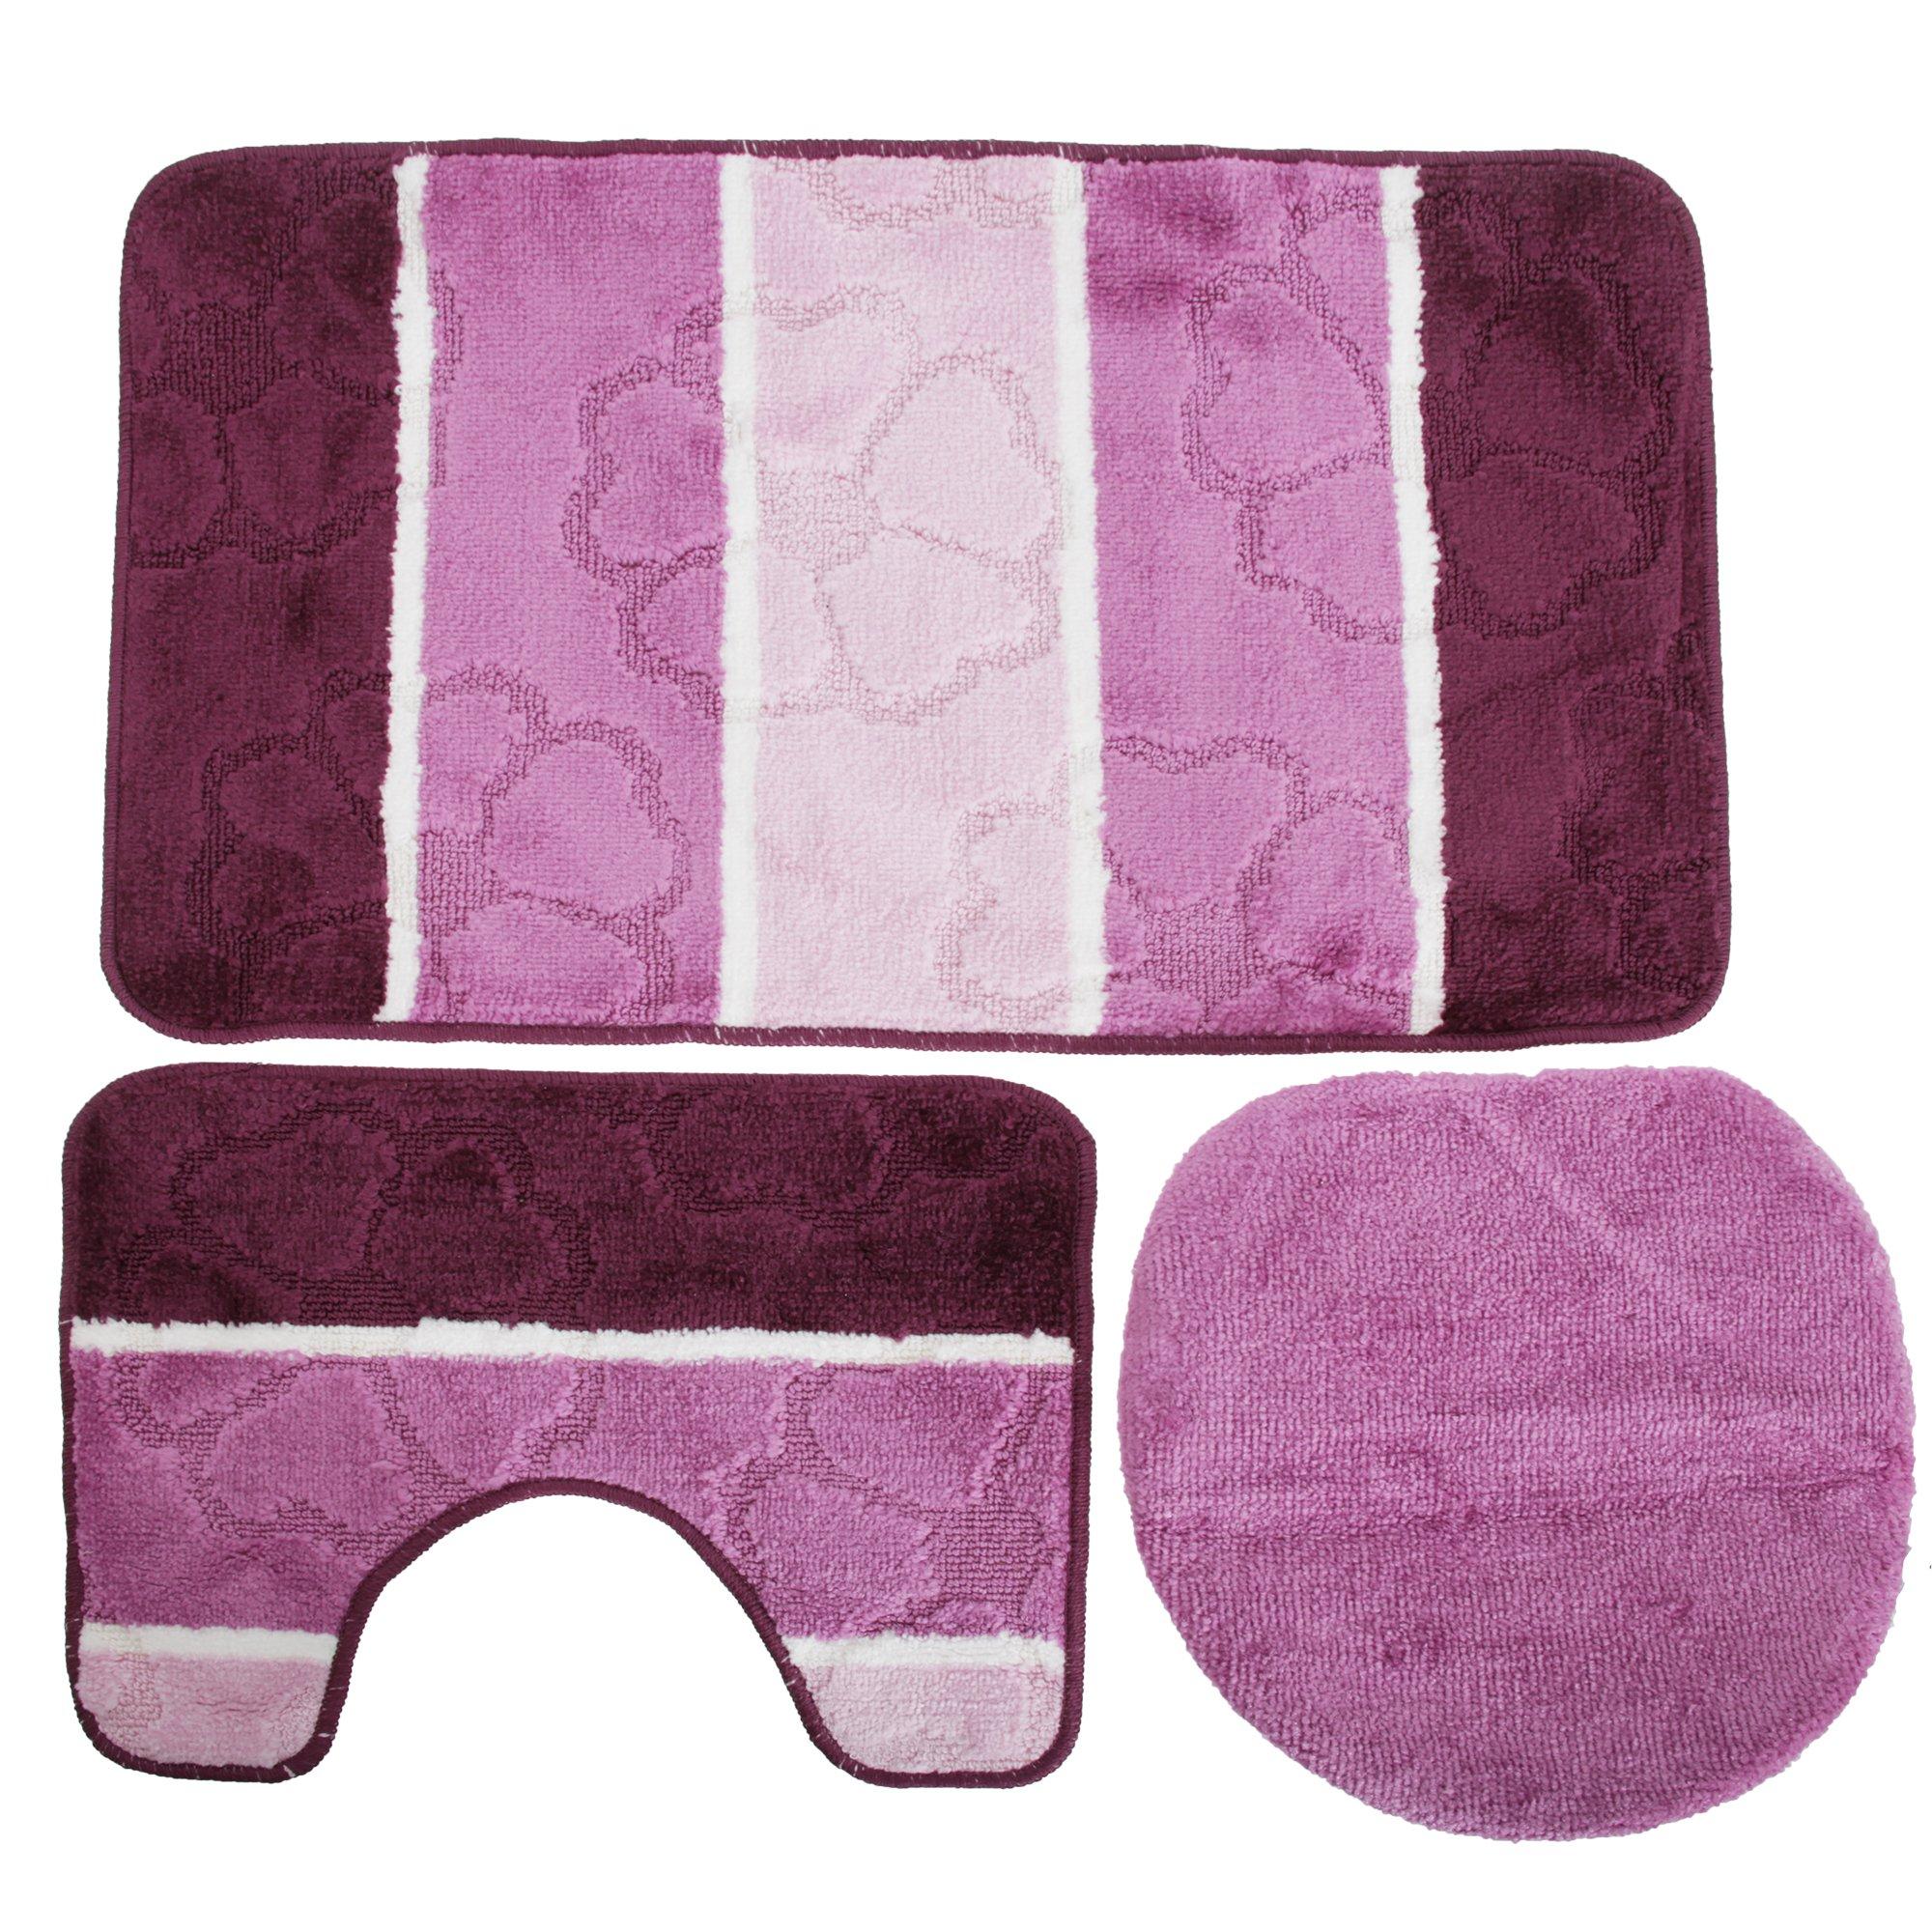 target rugs mats hrcouncil pretty mat bath rug bathroom purple